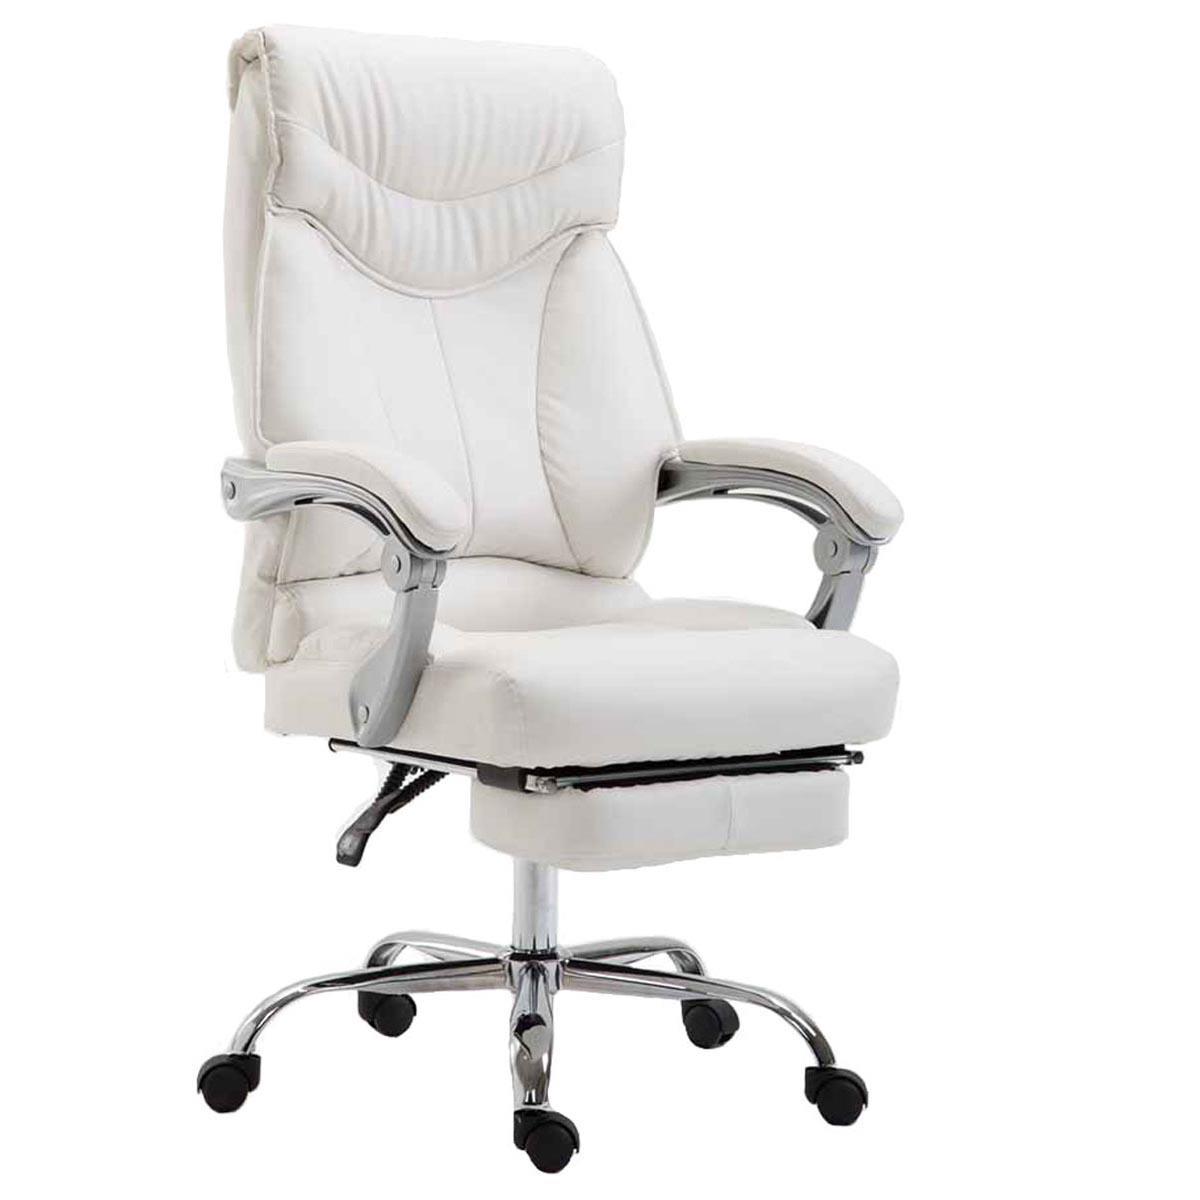 Poltrona ufficio oregon design e comfort poggiapiedi - Poggiapiedi ufficio ...